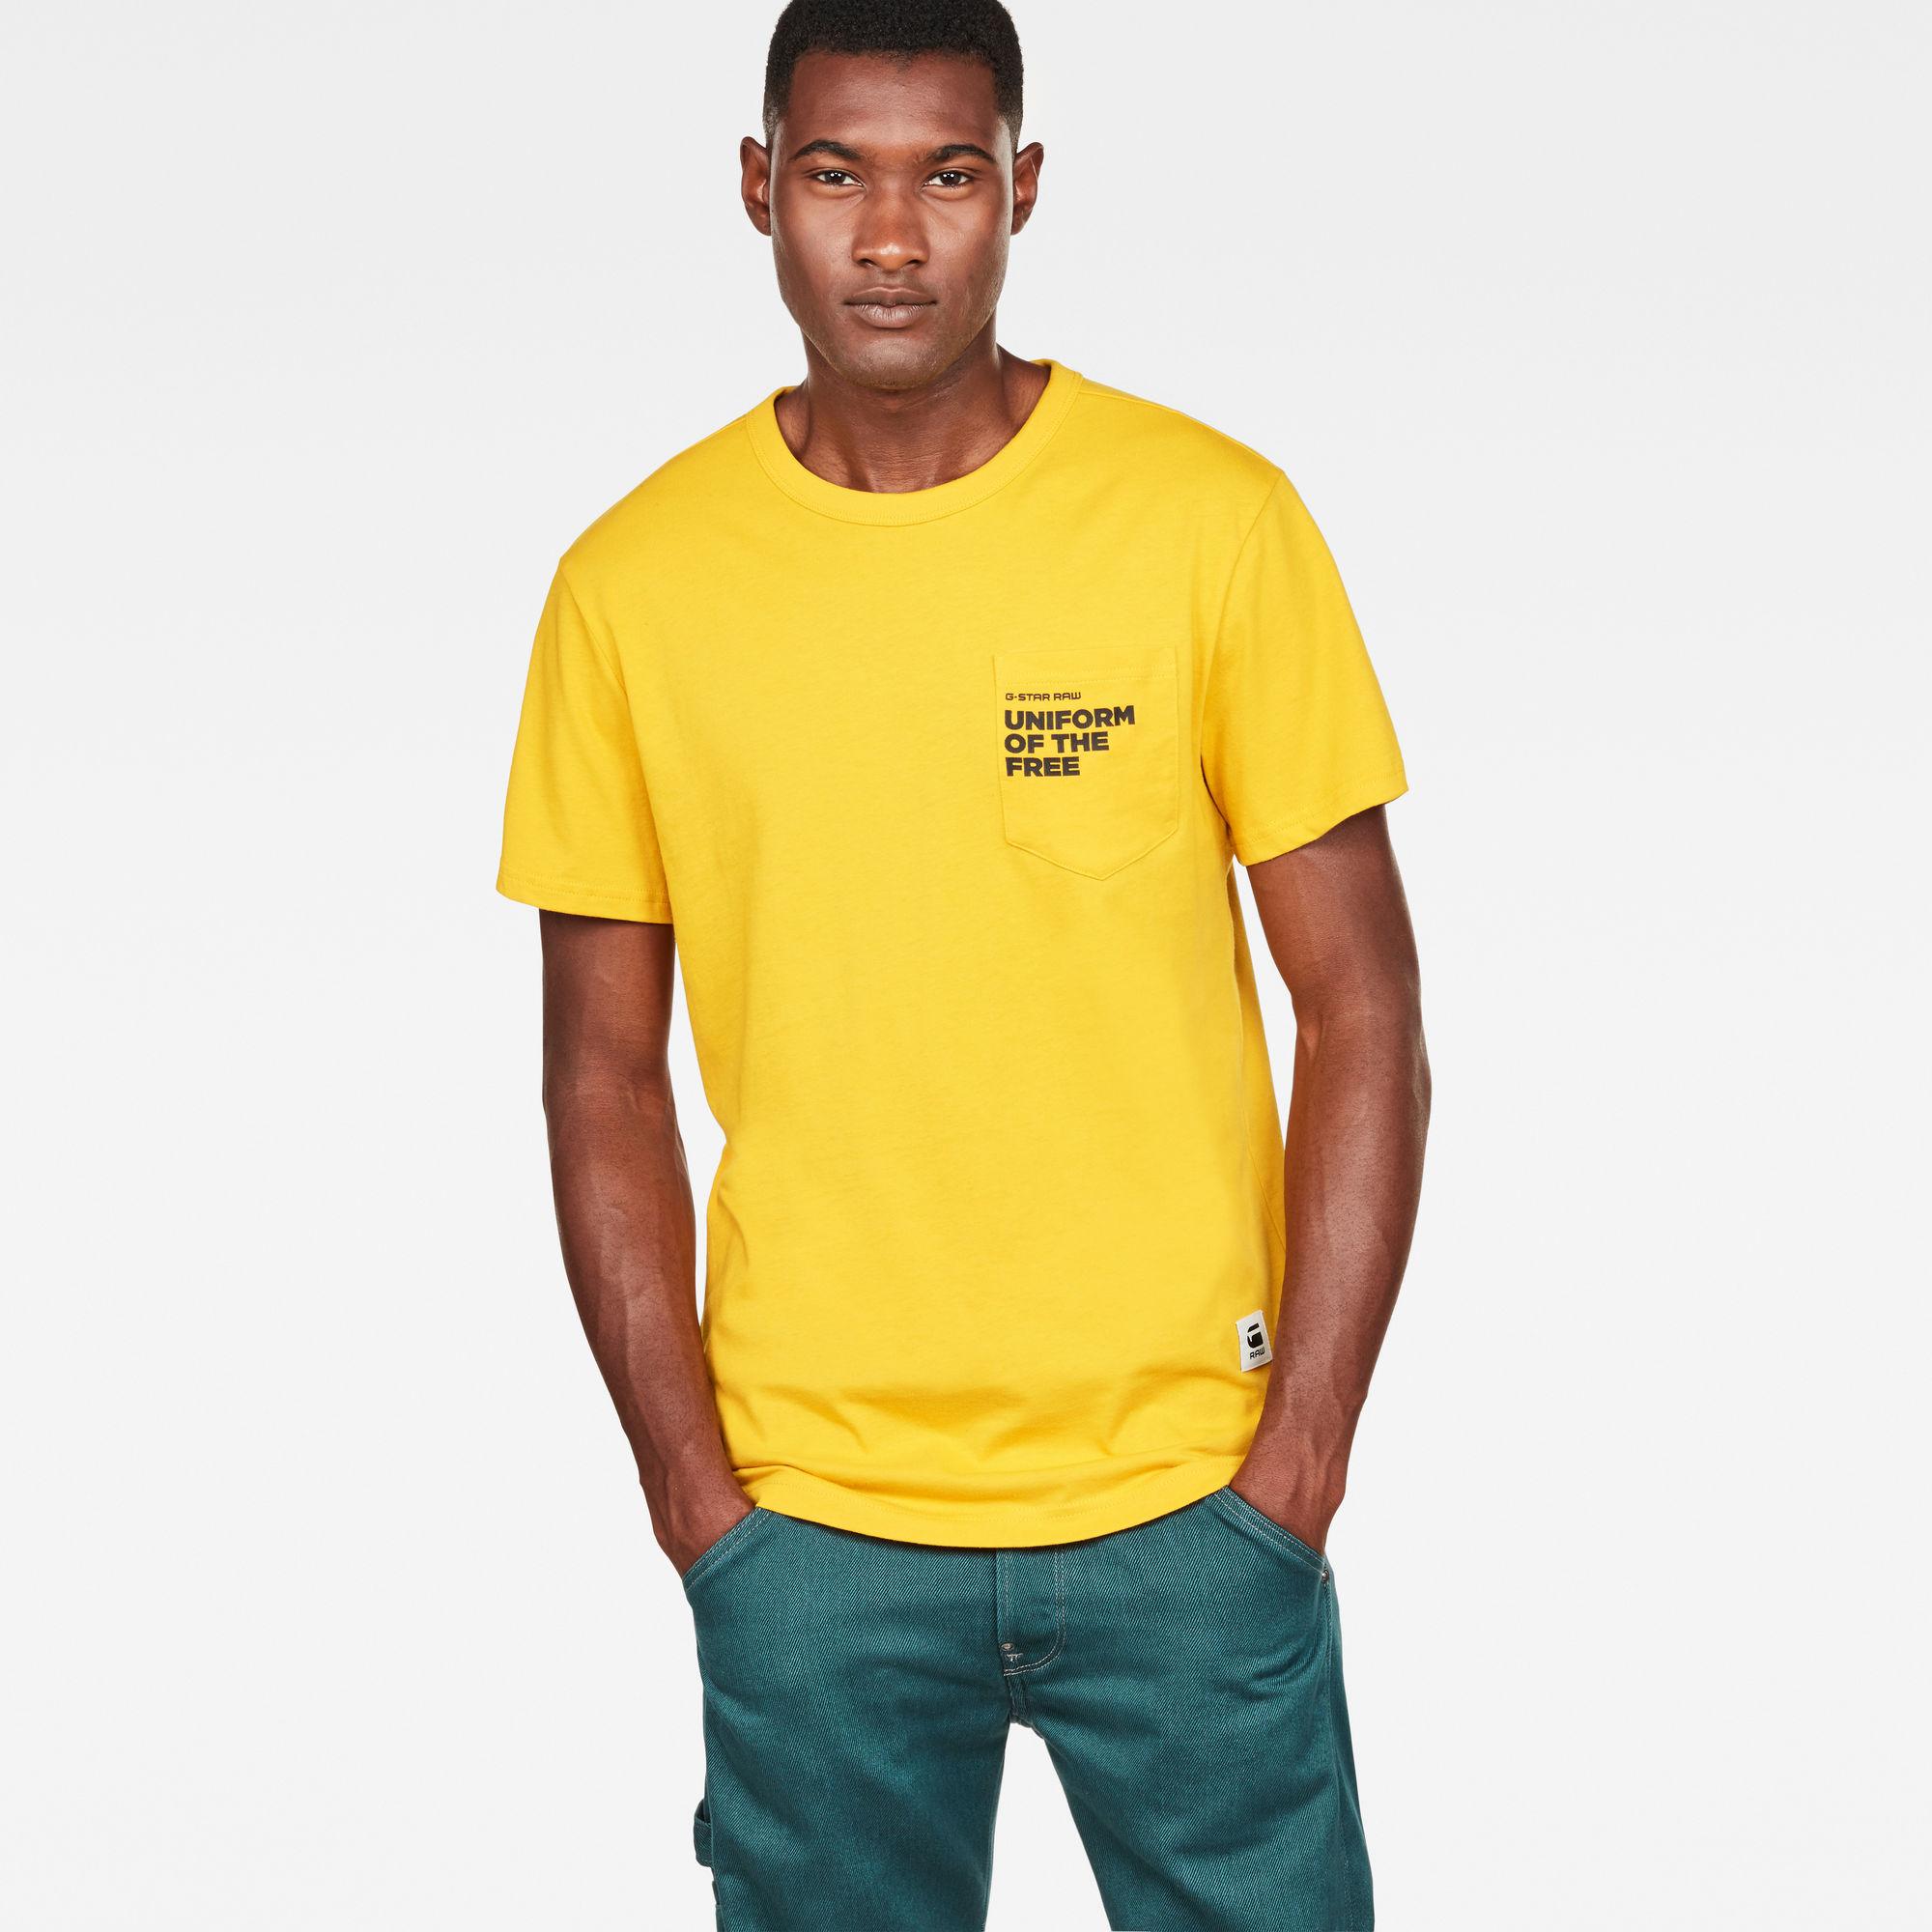 Van G Star Raw Graphic 5 Pocket T-Shirt Prijsvergelijk nu!